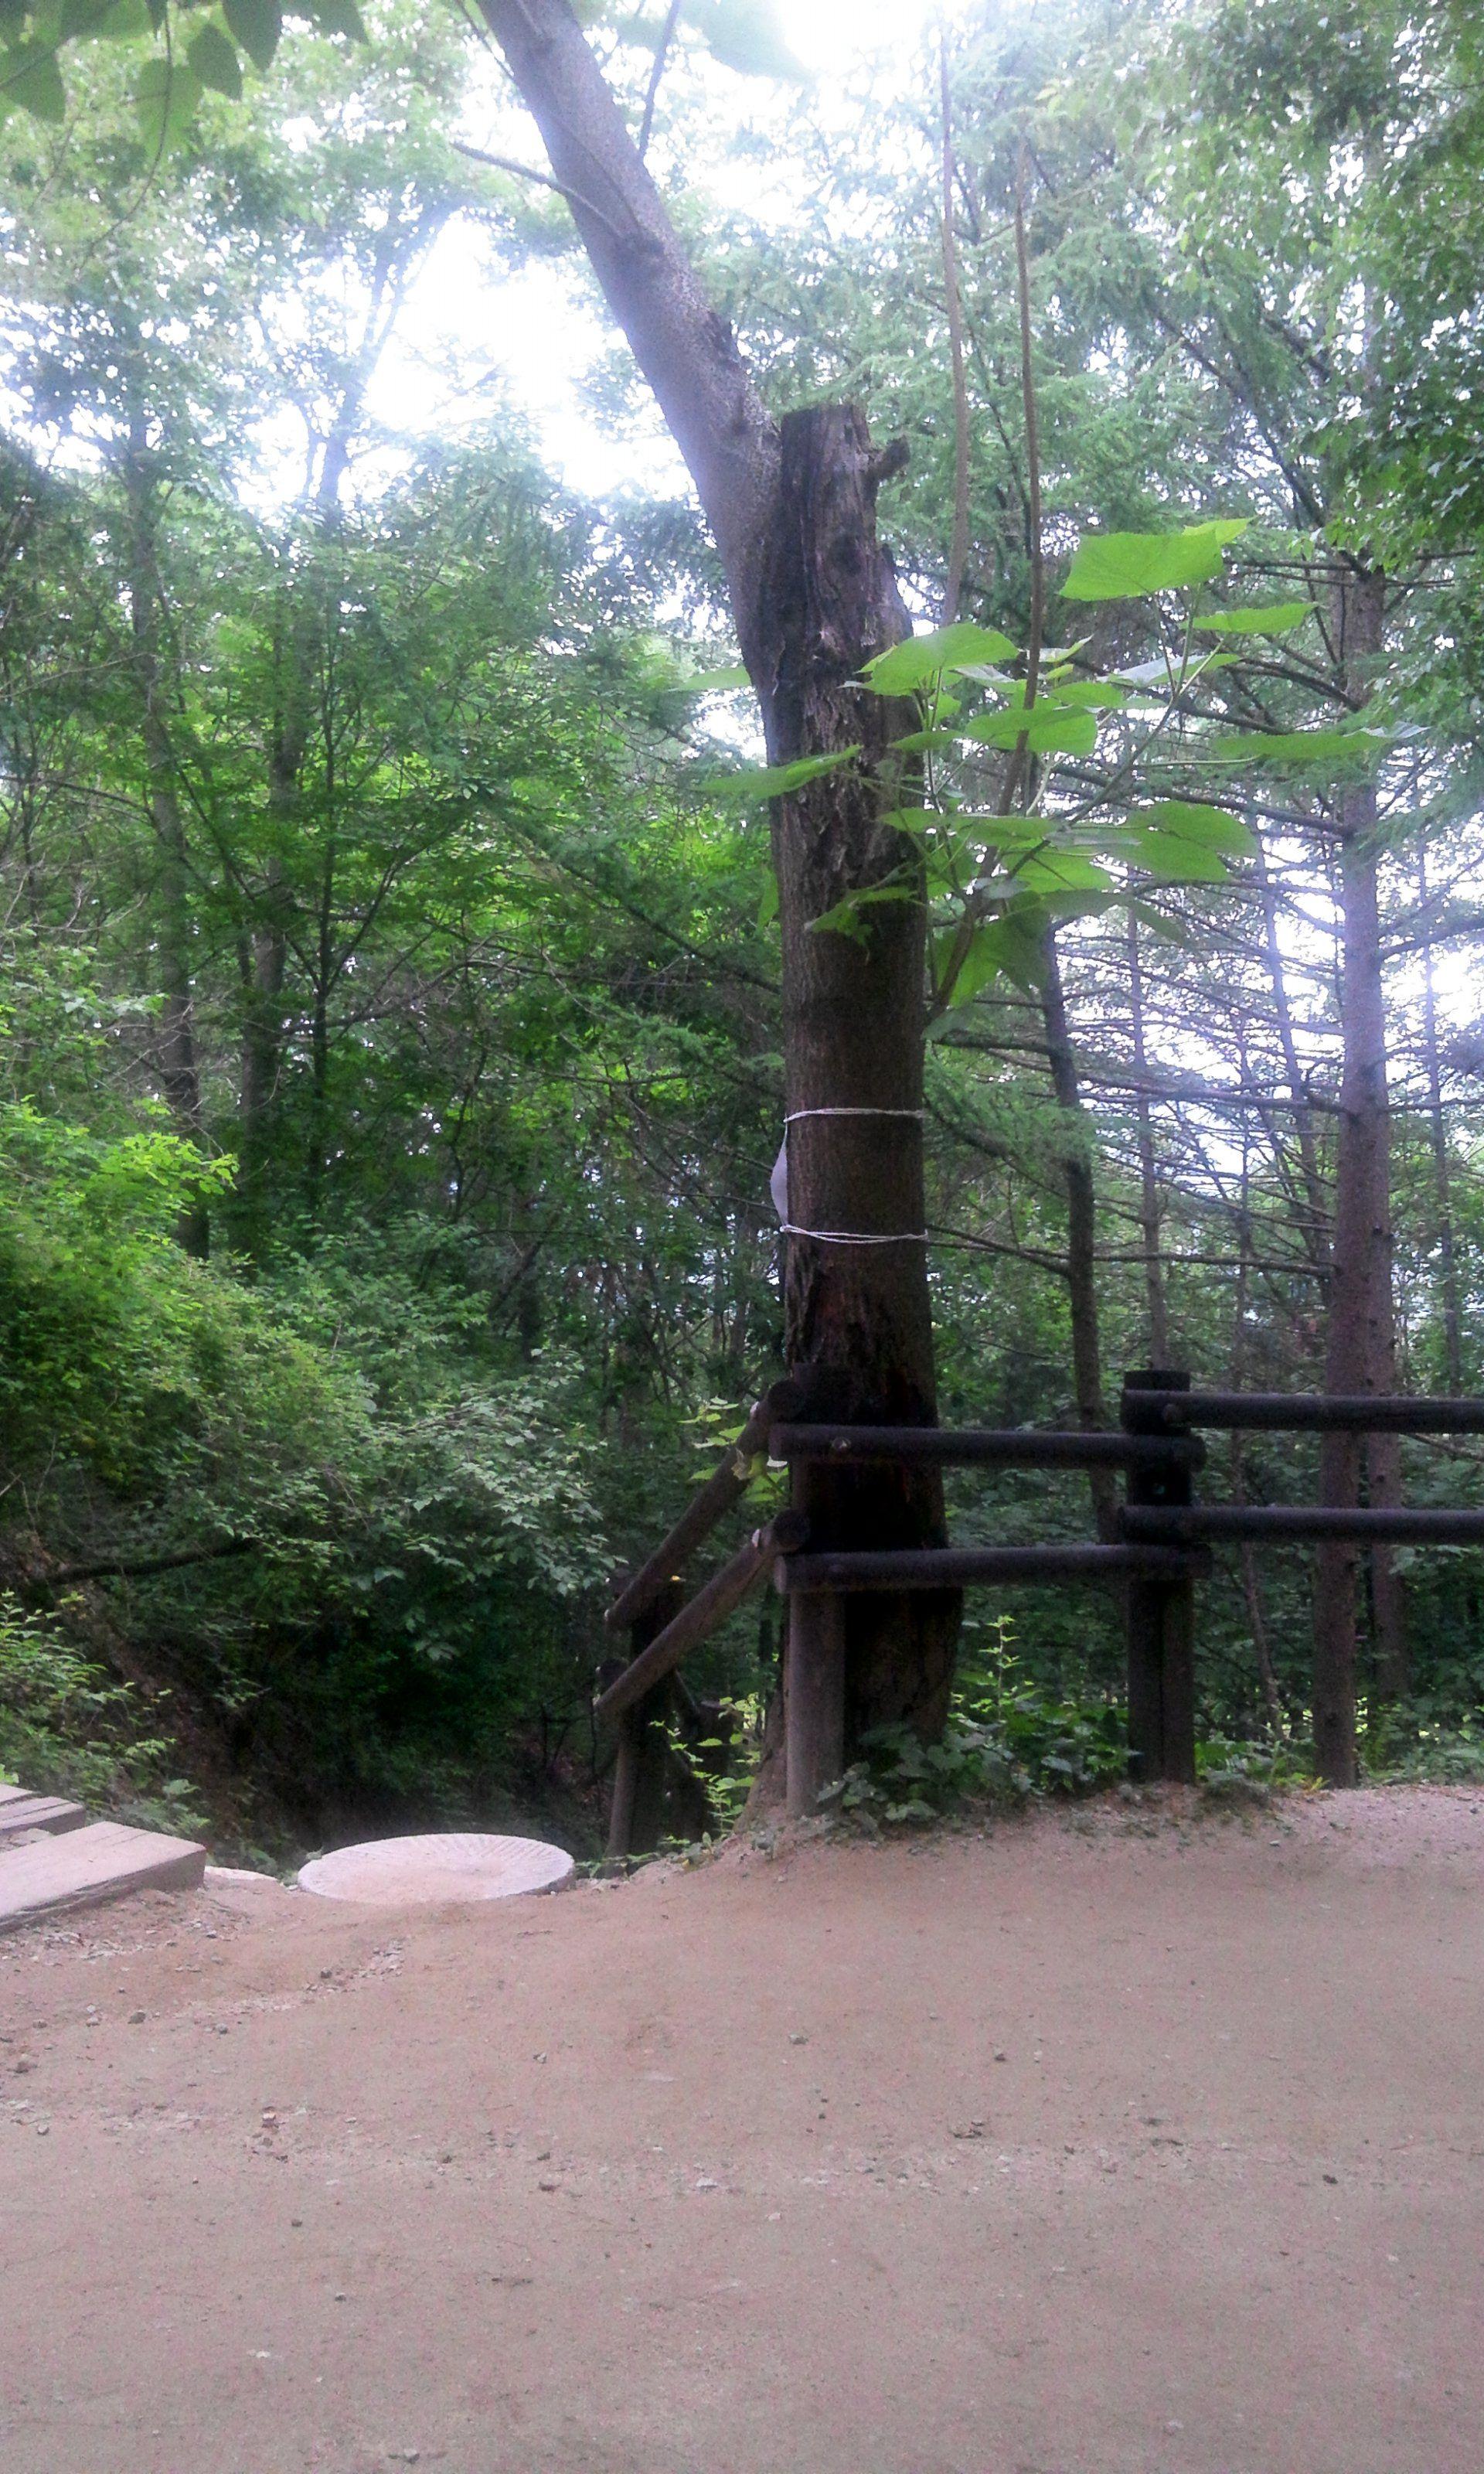 나무가 많은 곳에서 걷는걸 좋아합니다.